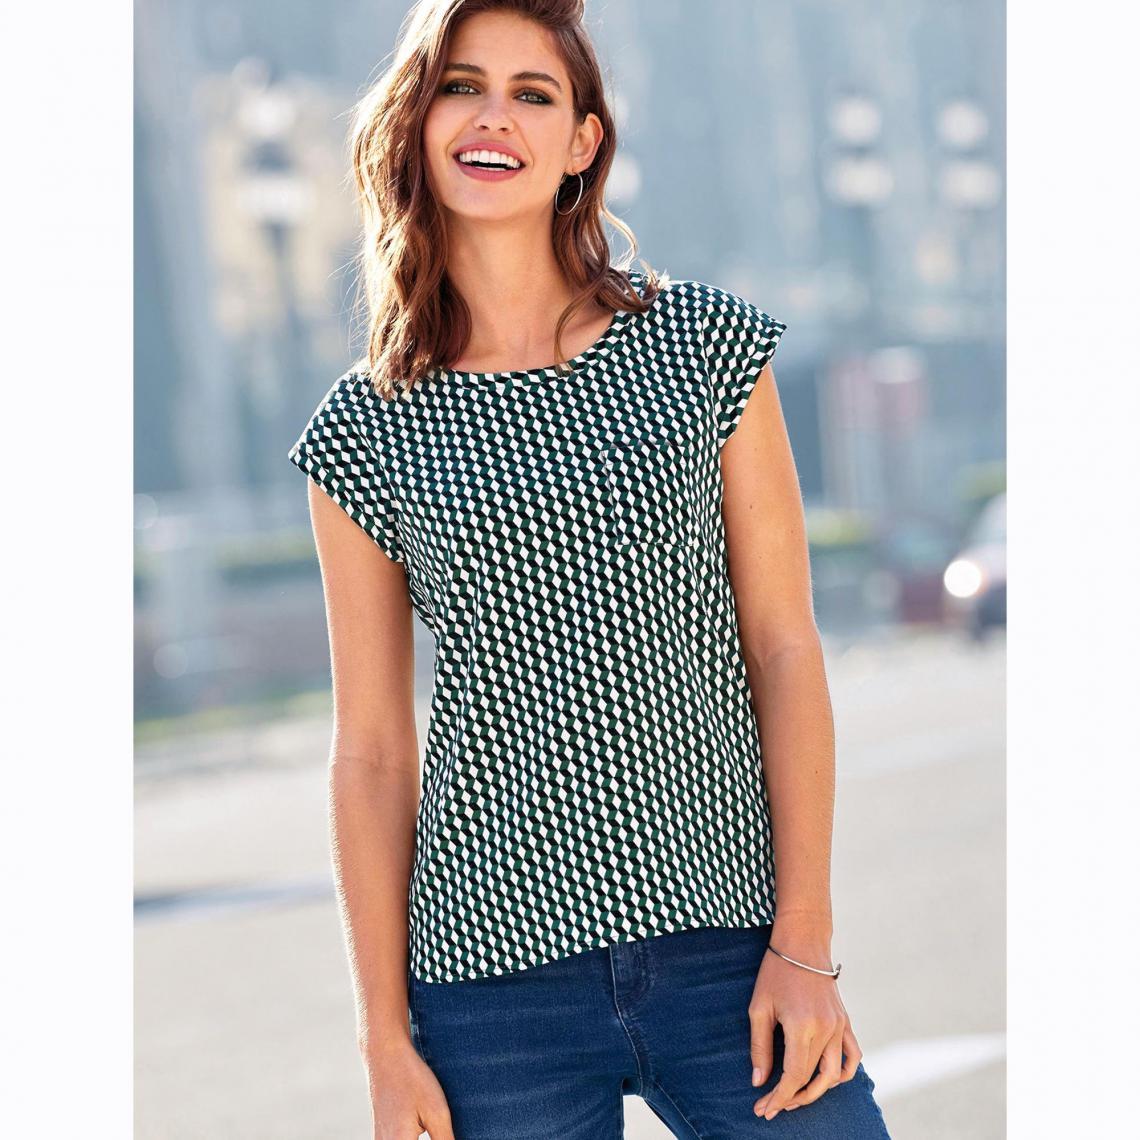 c36d0d1c7 Top manches courtes poche poitrine femme - Imprimé Vert   3 SUISSES